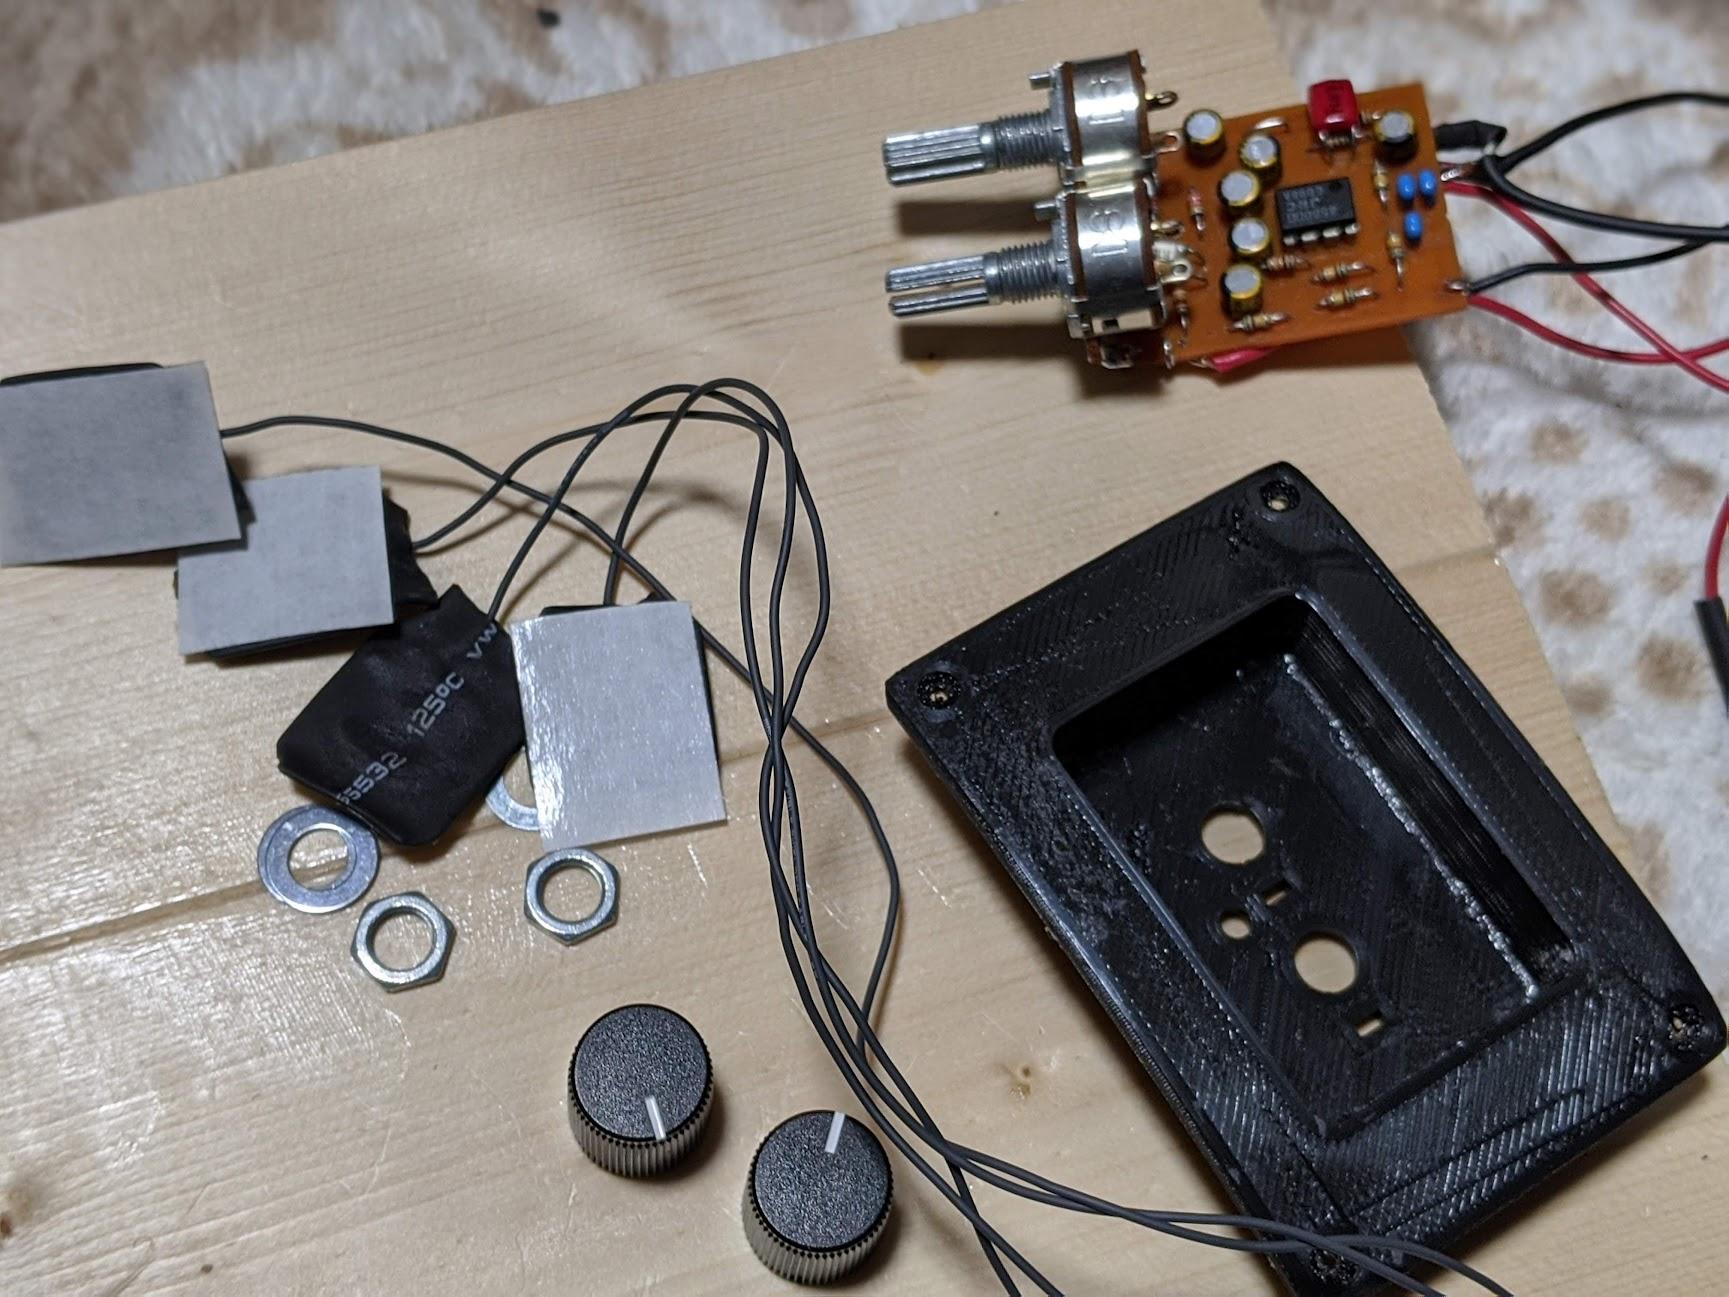 マルティネス(Martinez) エレガットのピックアップを2チャンネルシステムに改造